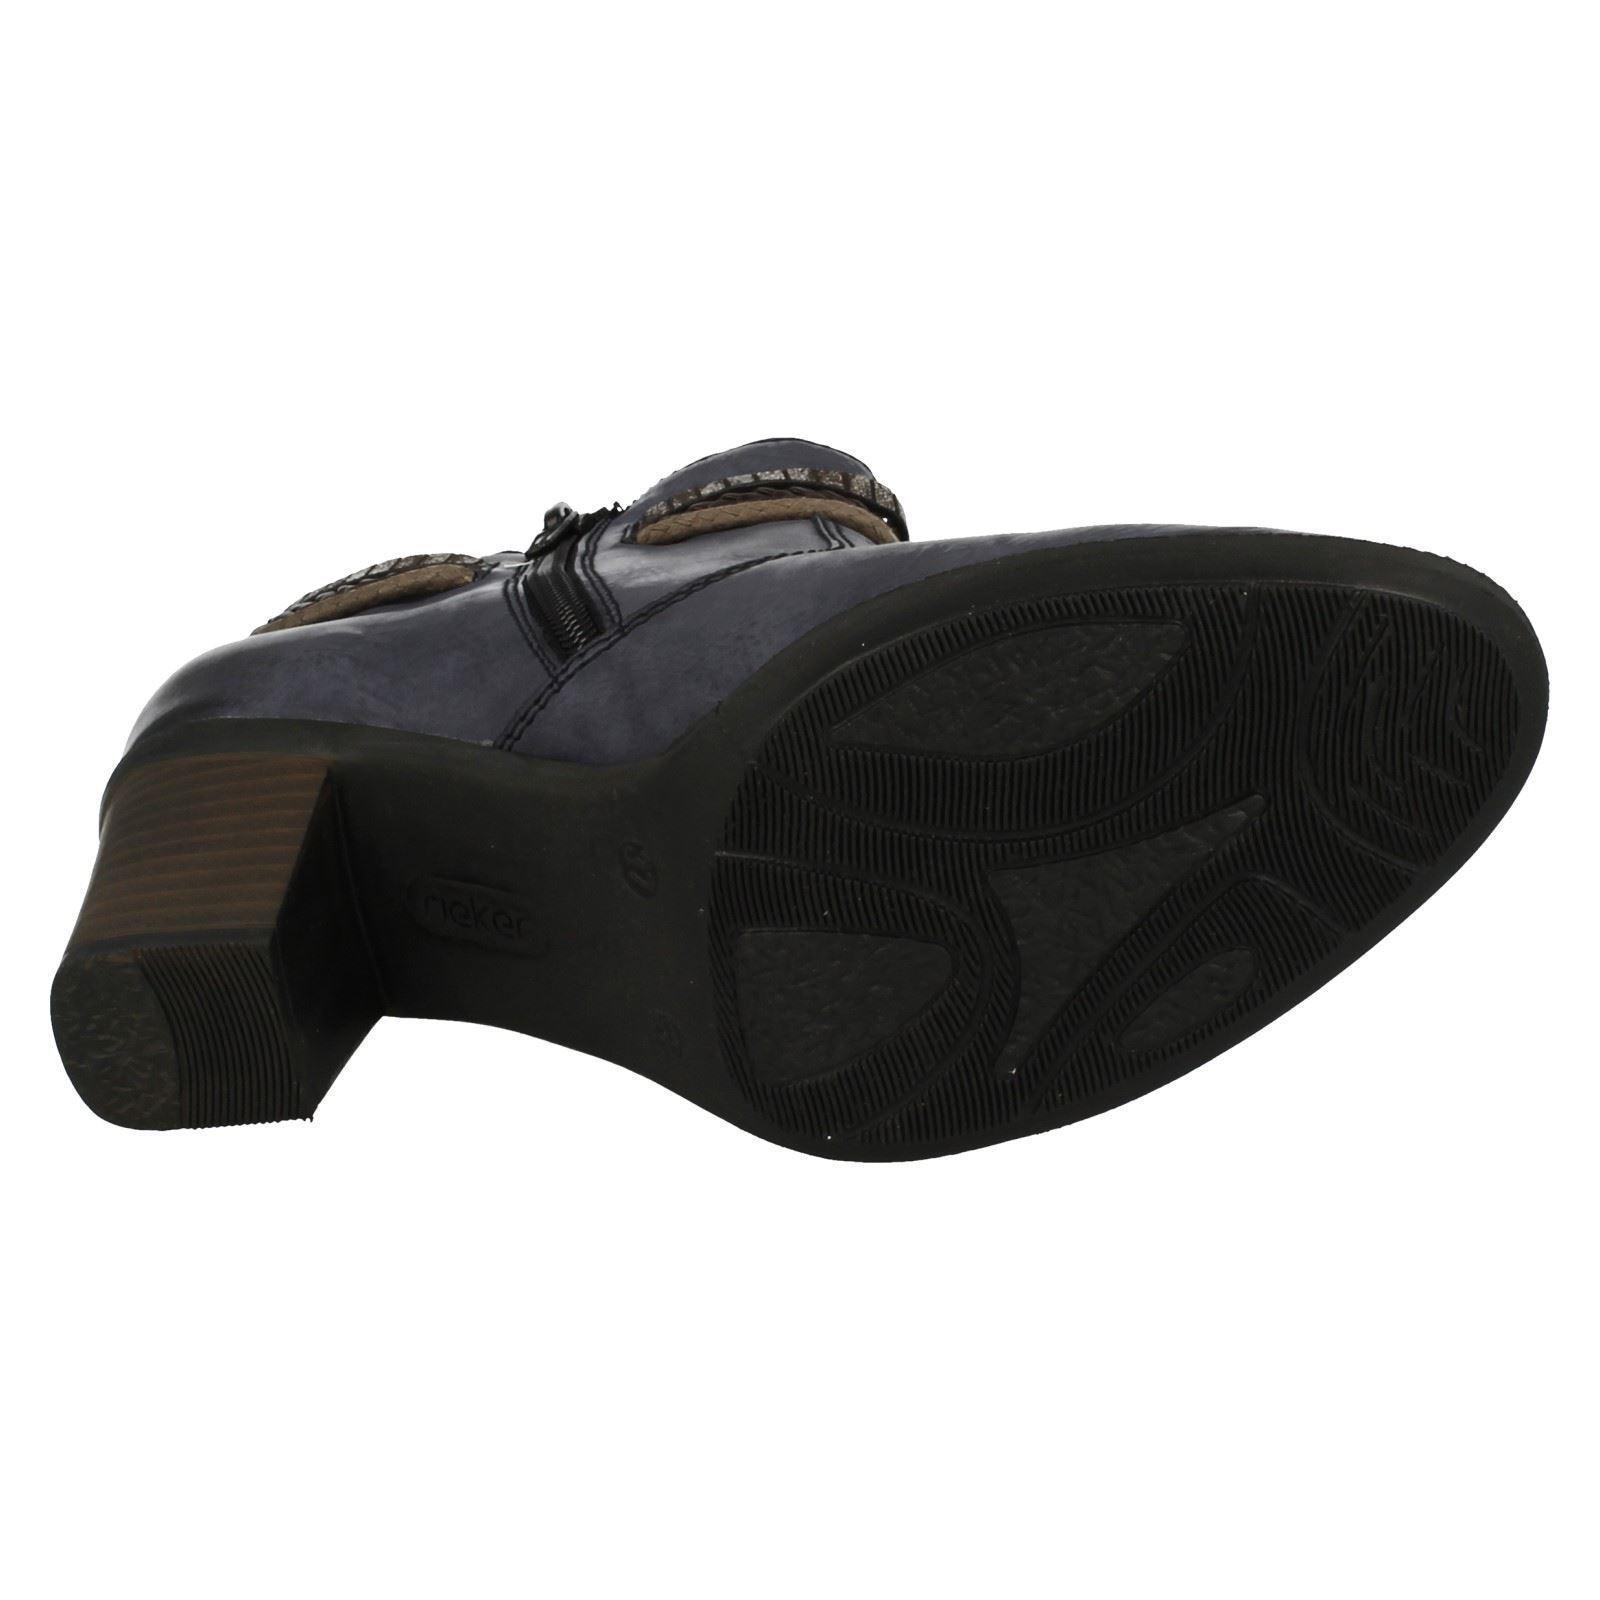 Monsieur / rieker Dame Femmes rieker / cheville bottes style-L7658 Reine de qualité Nouveaux produits en 2018 La qualité et le consommateur d'abord 3c4d90